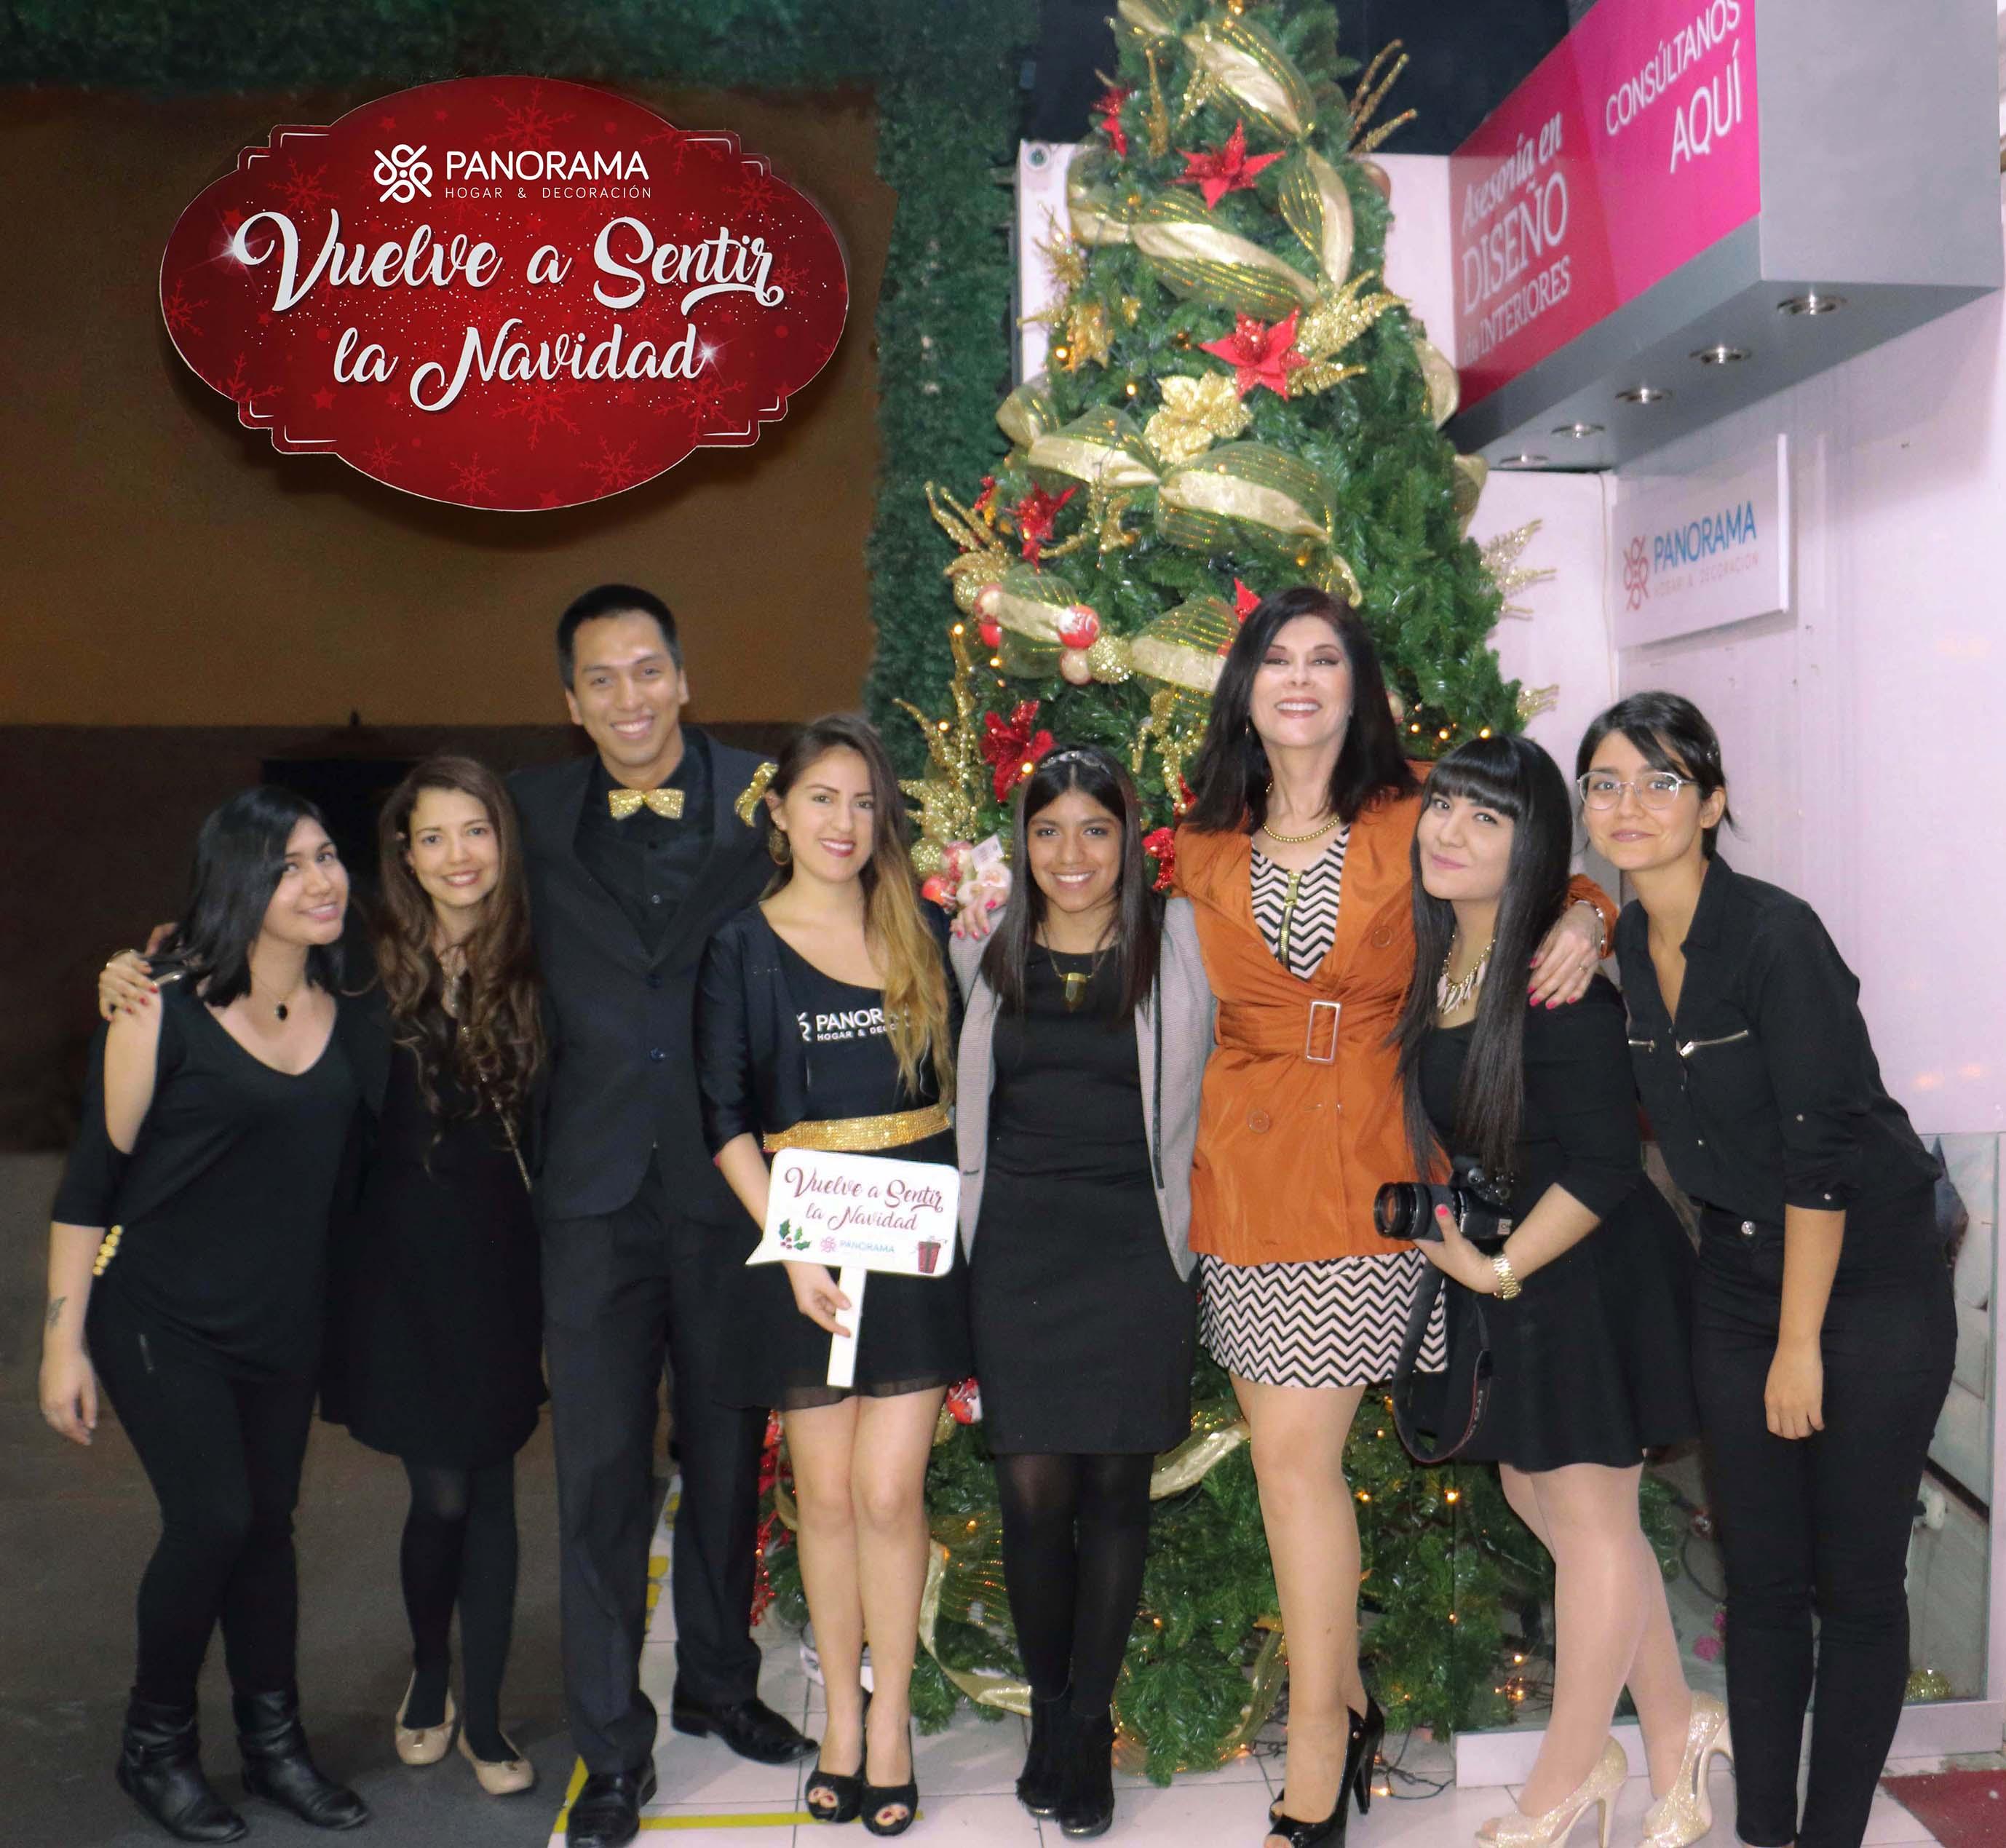 Olga Zumaran con el equipo organizador y anfitriones - Panorama Hogar inicia su campaña navideña